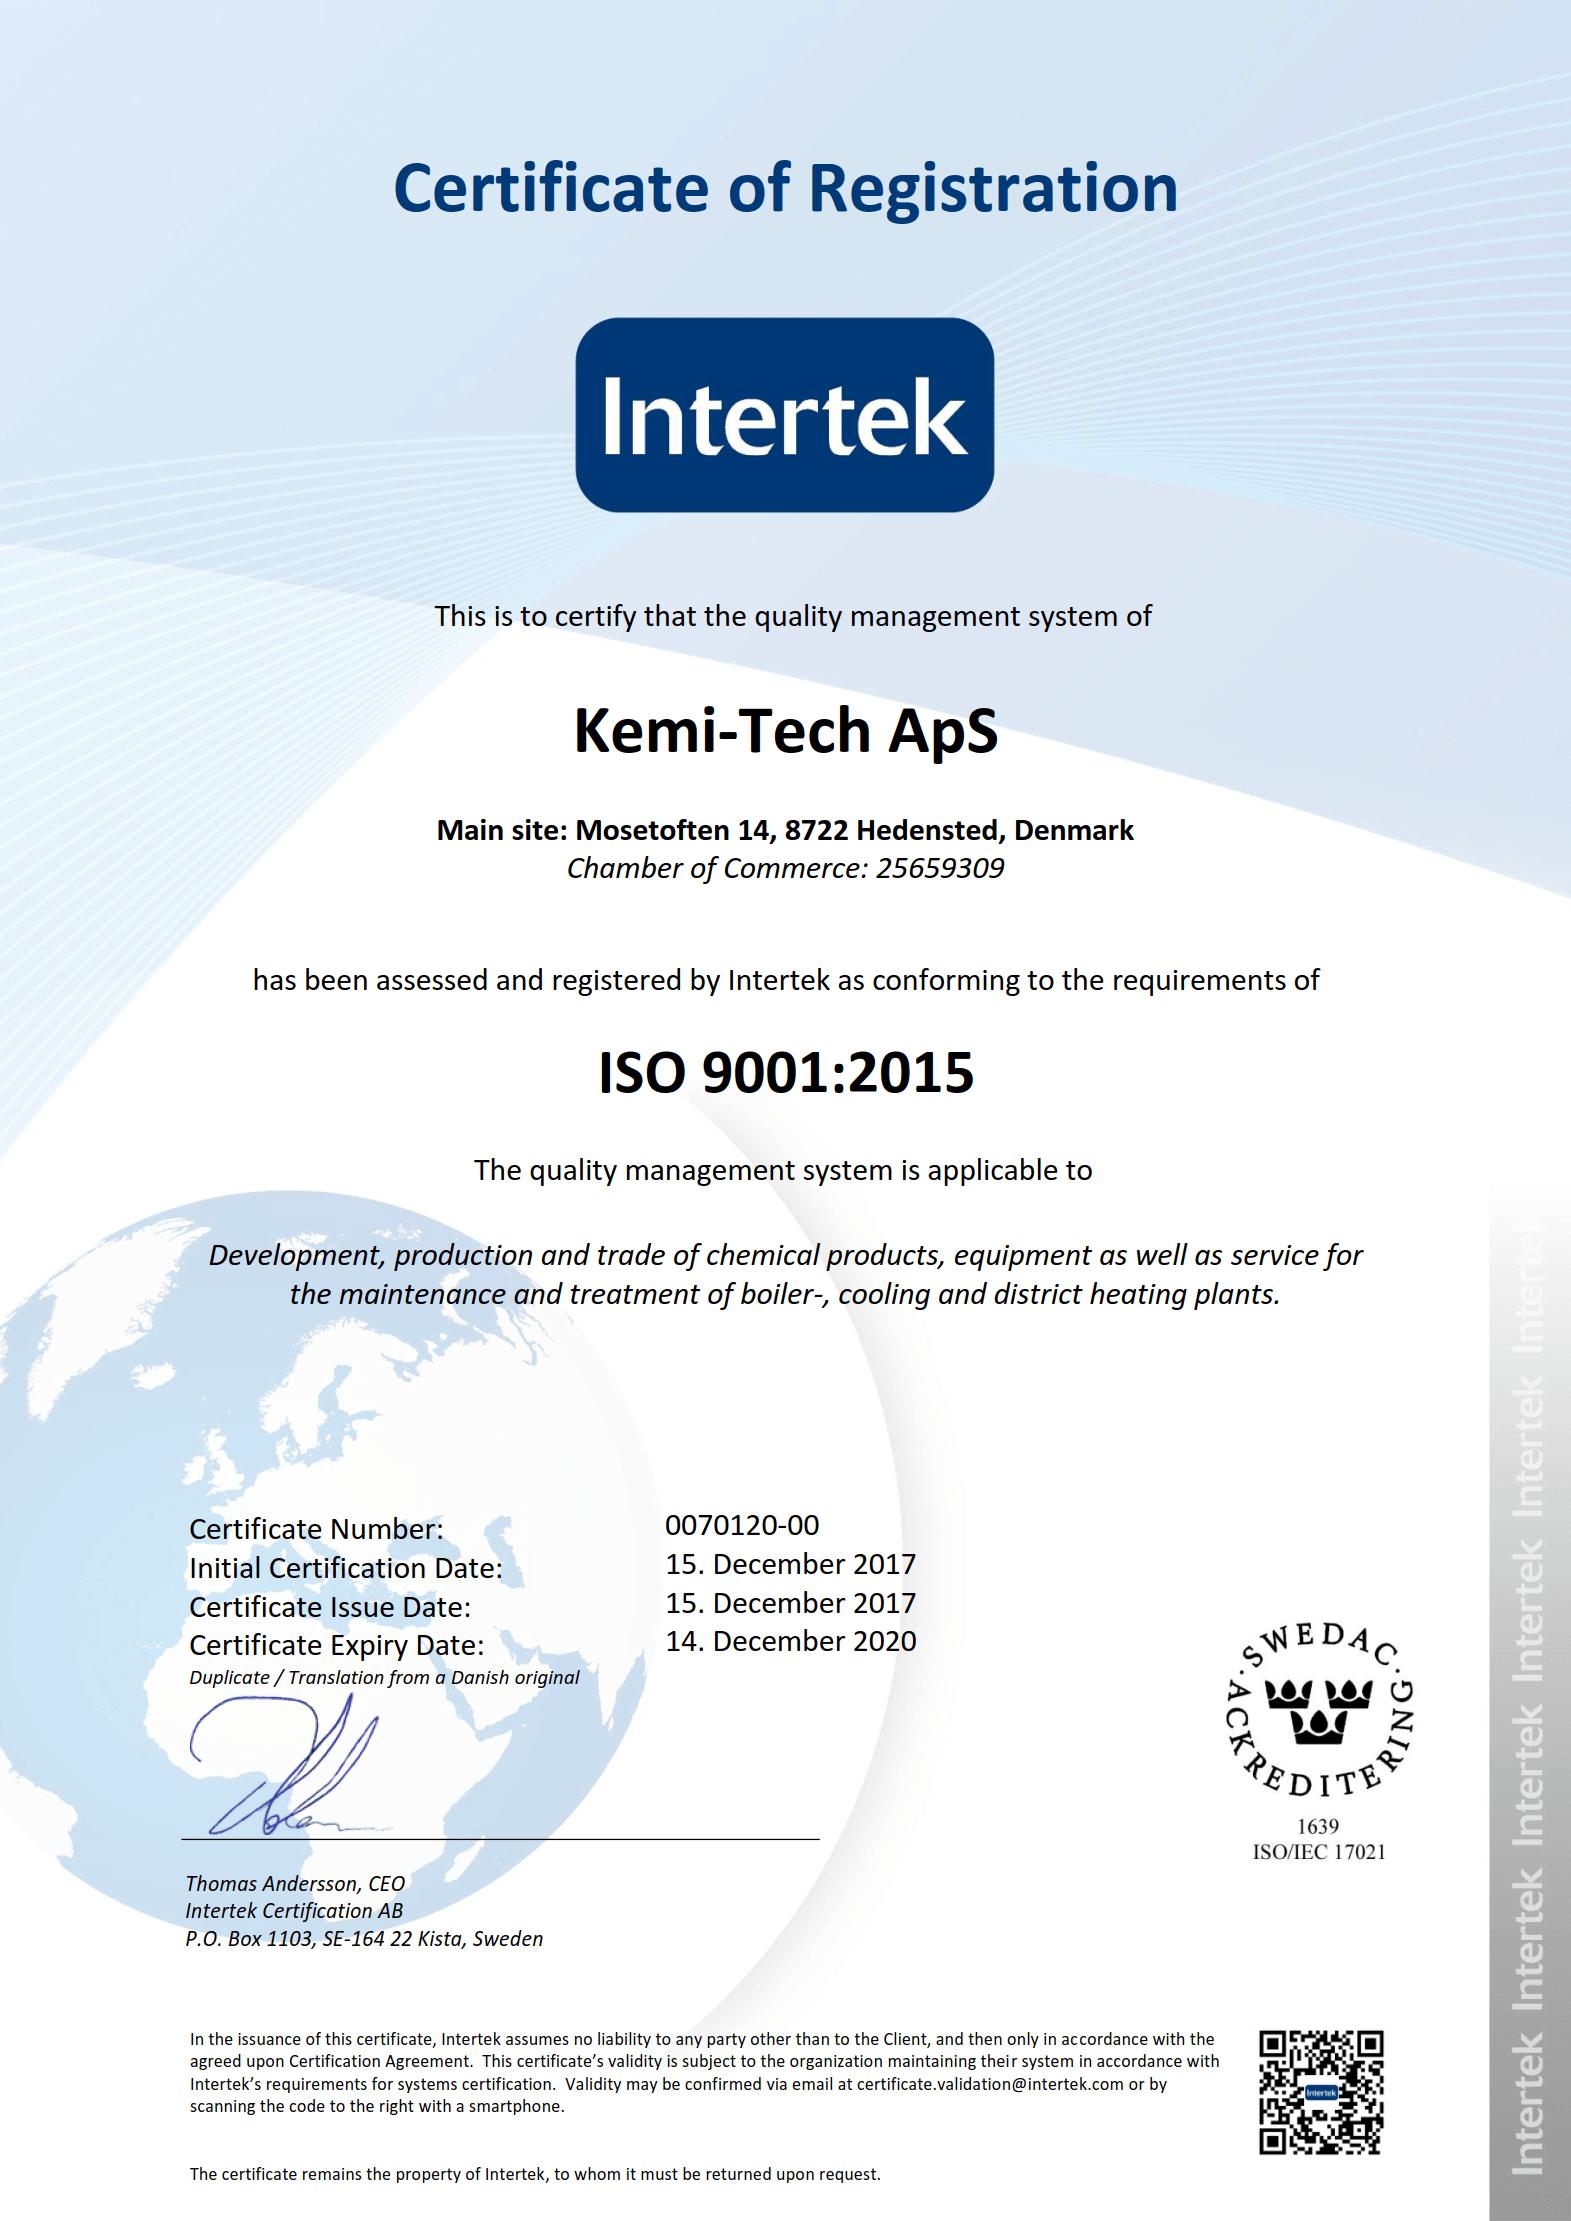 Kemi-tech ApS ISO9001:2015 certificate